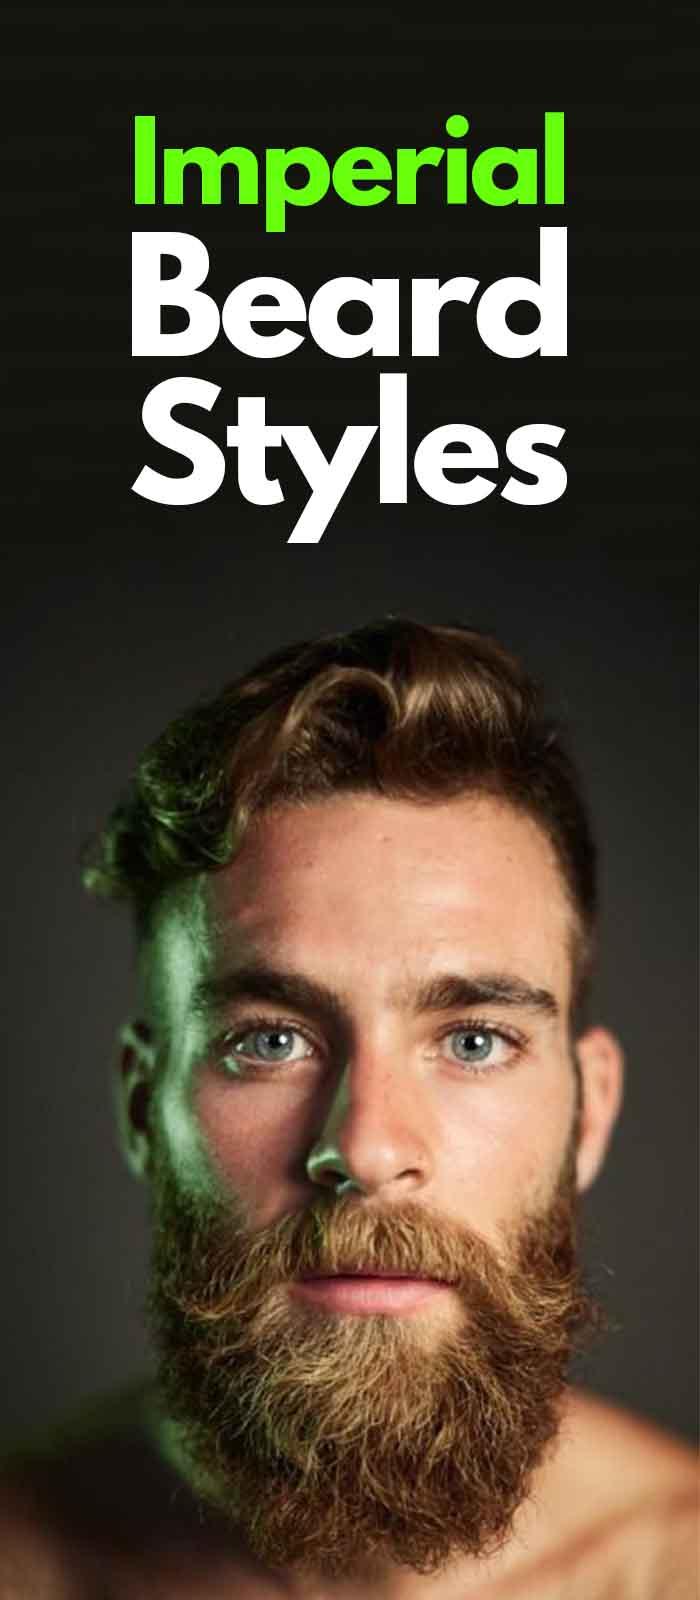 Imperial Beard styles for men!